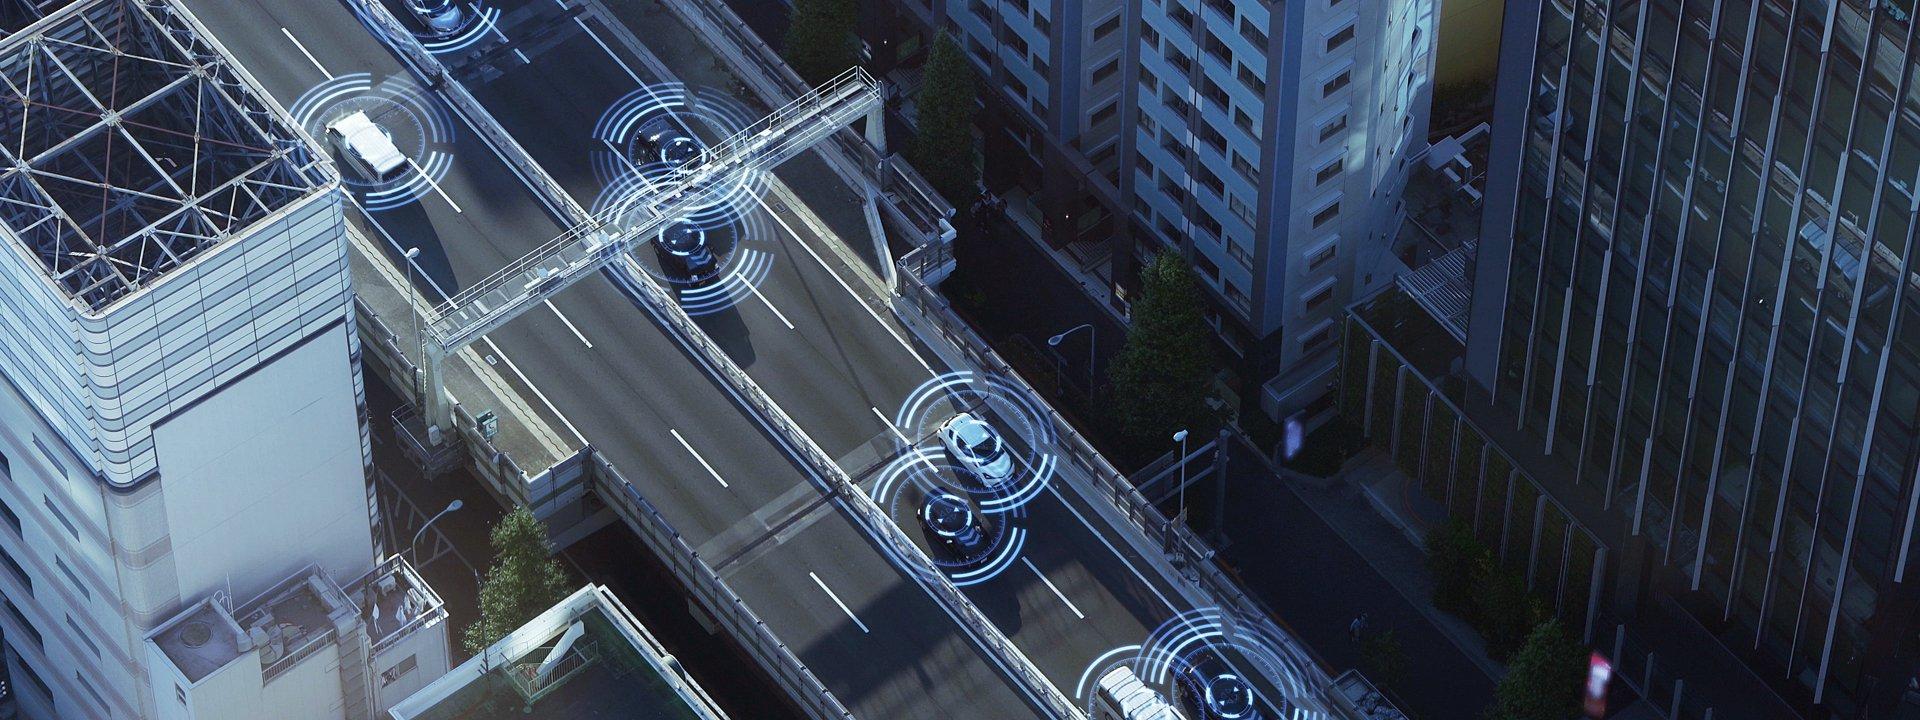 Pametni parkirni sustavi